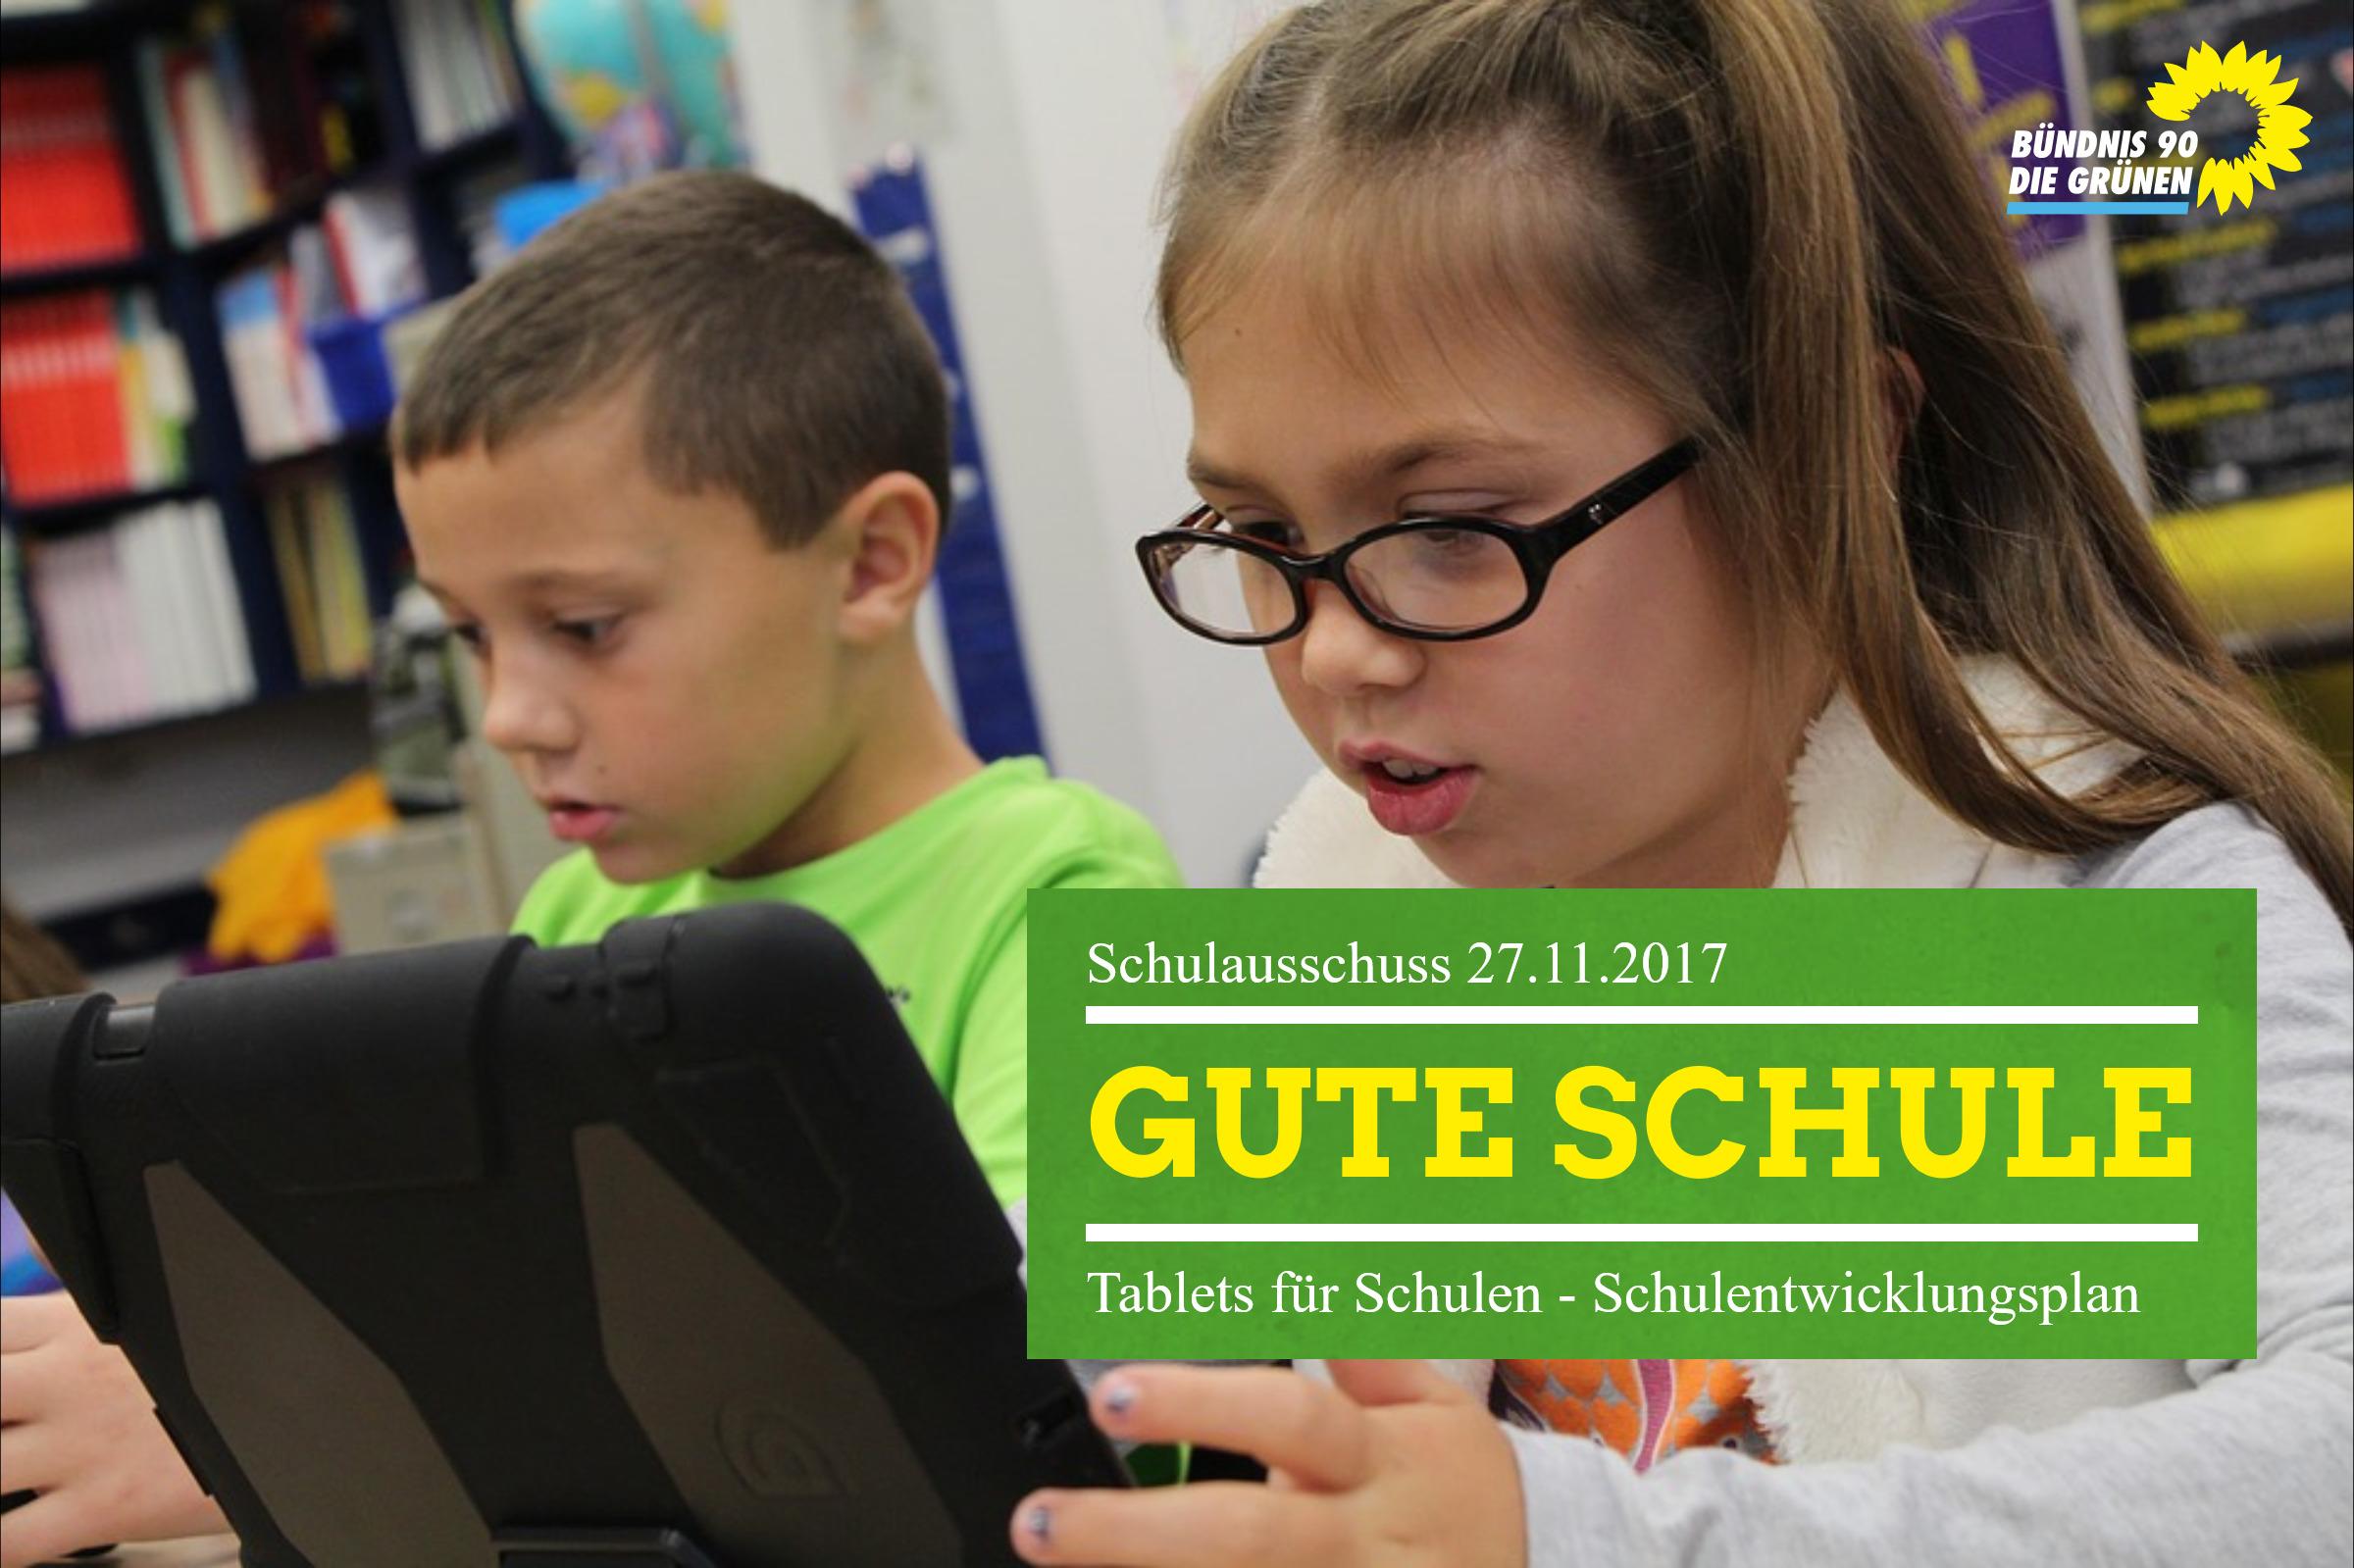 Tablets für Grefrather Schulen – Die Sekundarschule benötigt mehr Platz